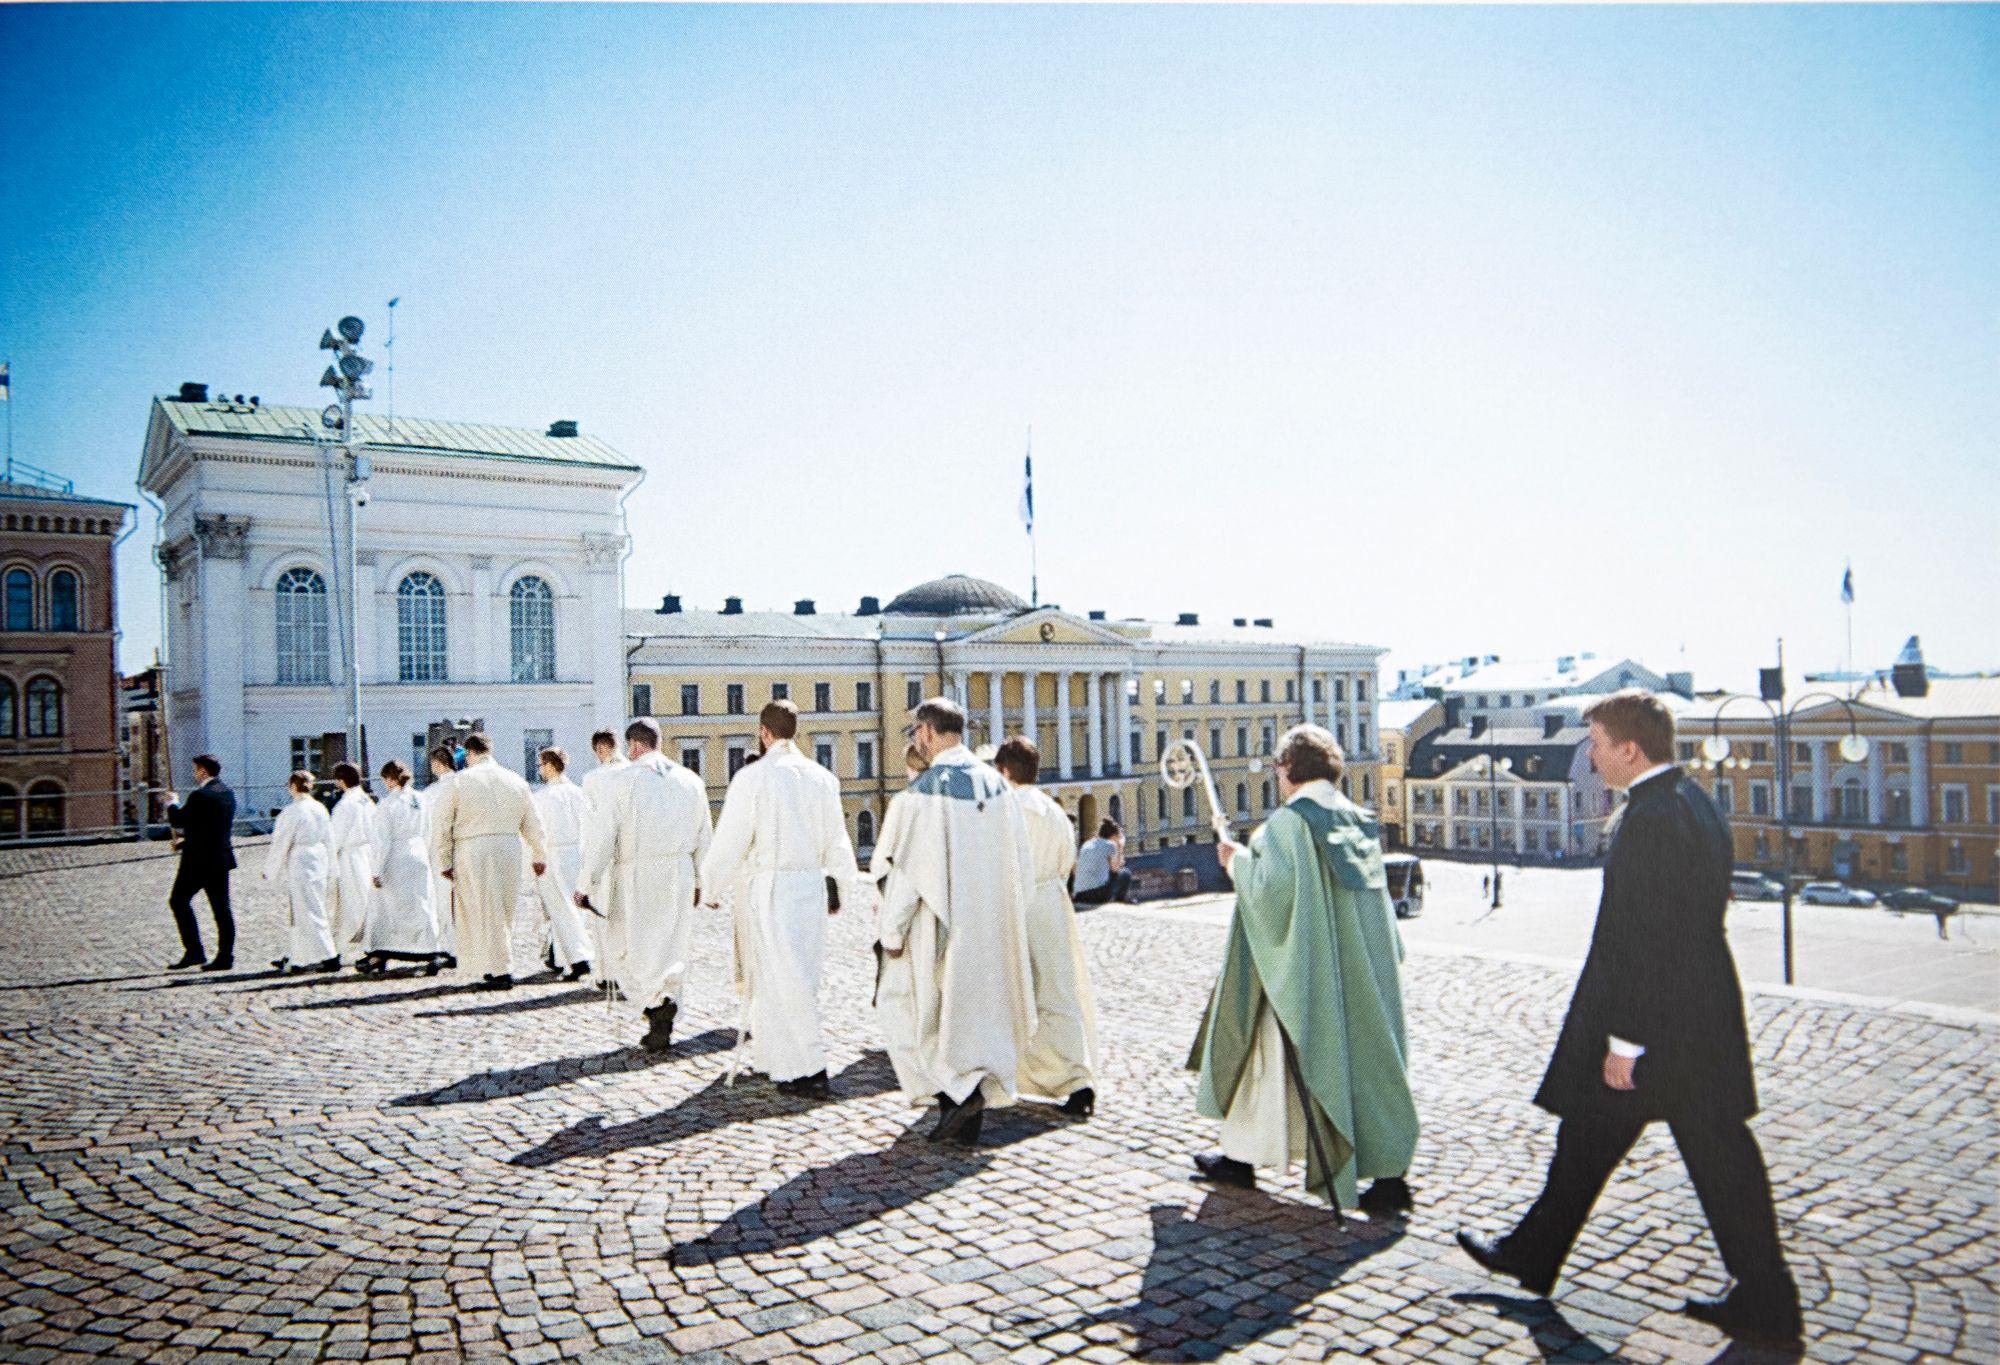 """Helsinkiin Irja Askola muutti teologian opintojen perässä vuonna 1971. """"Olin maalaistyttö vieraassa kaupungissa."""" © Vessi Hamalainen"""